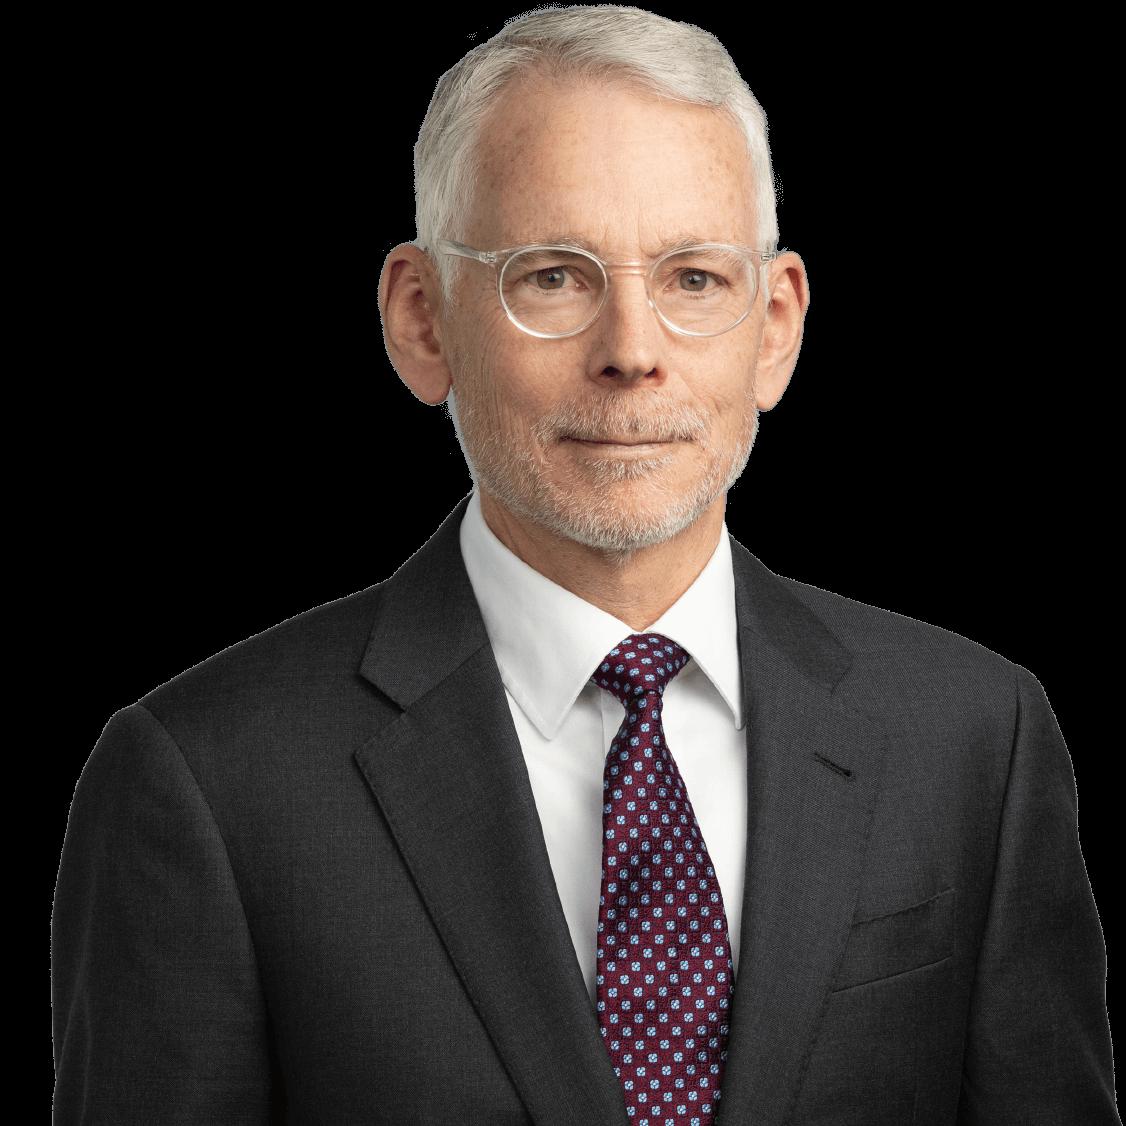 David C. Bohan